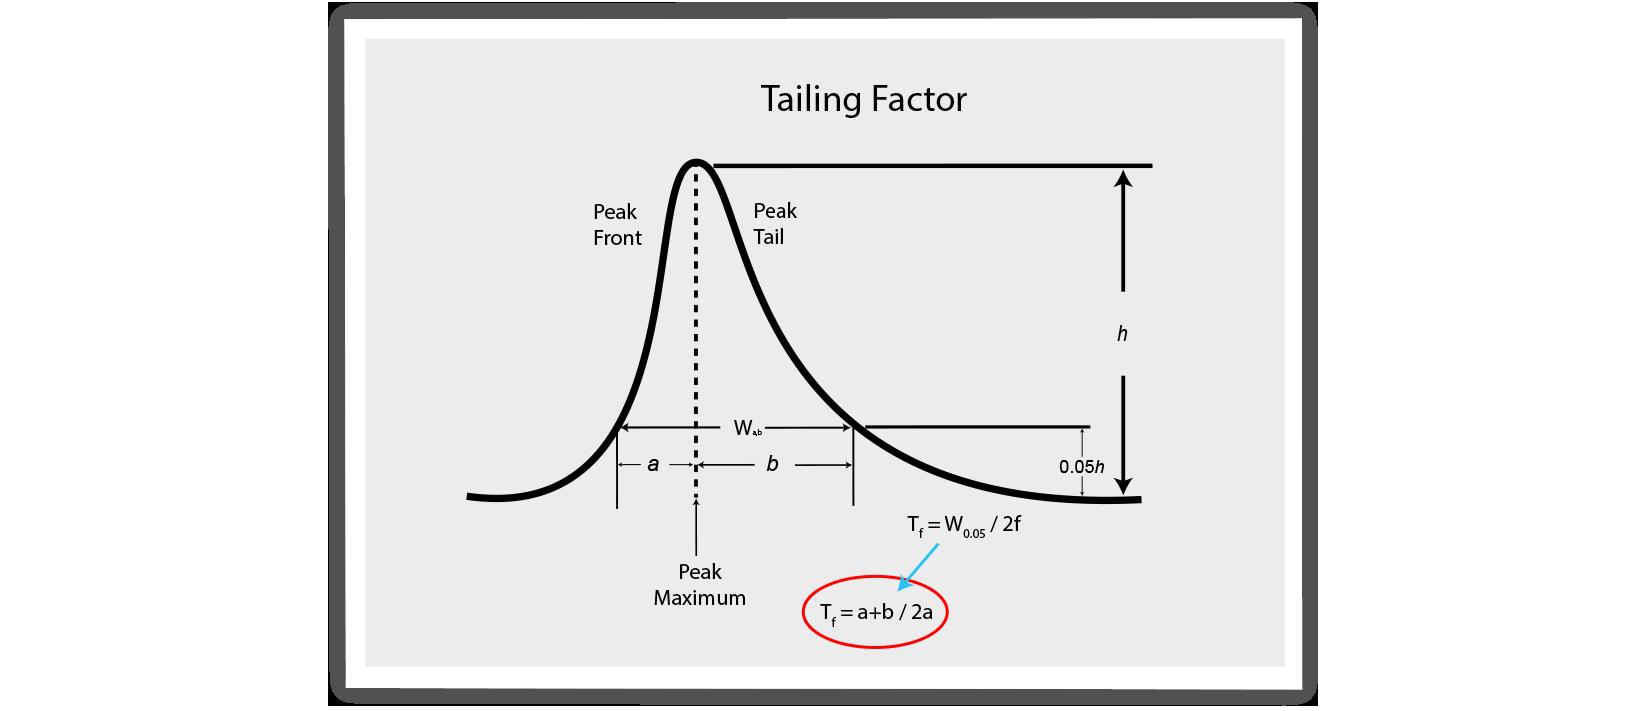 chromatography, peak shape, tailing factor